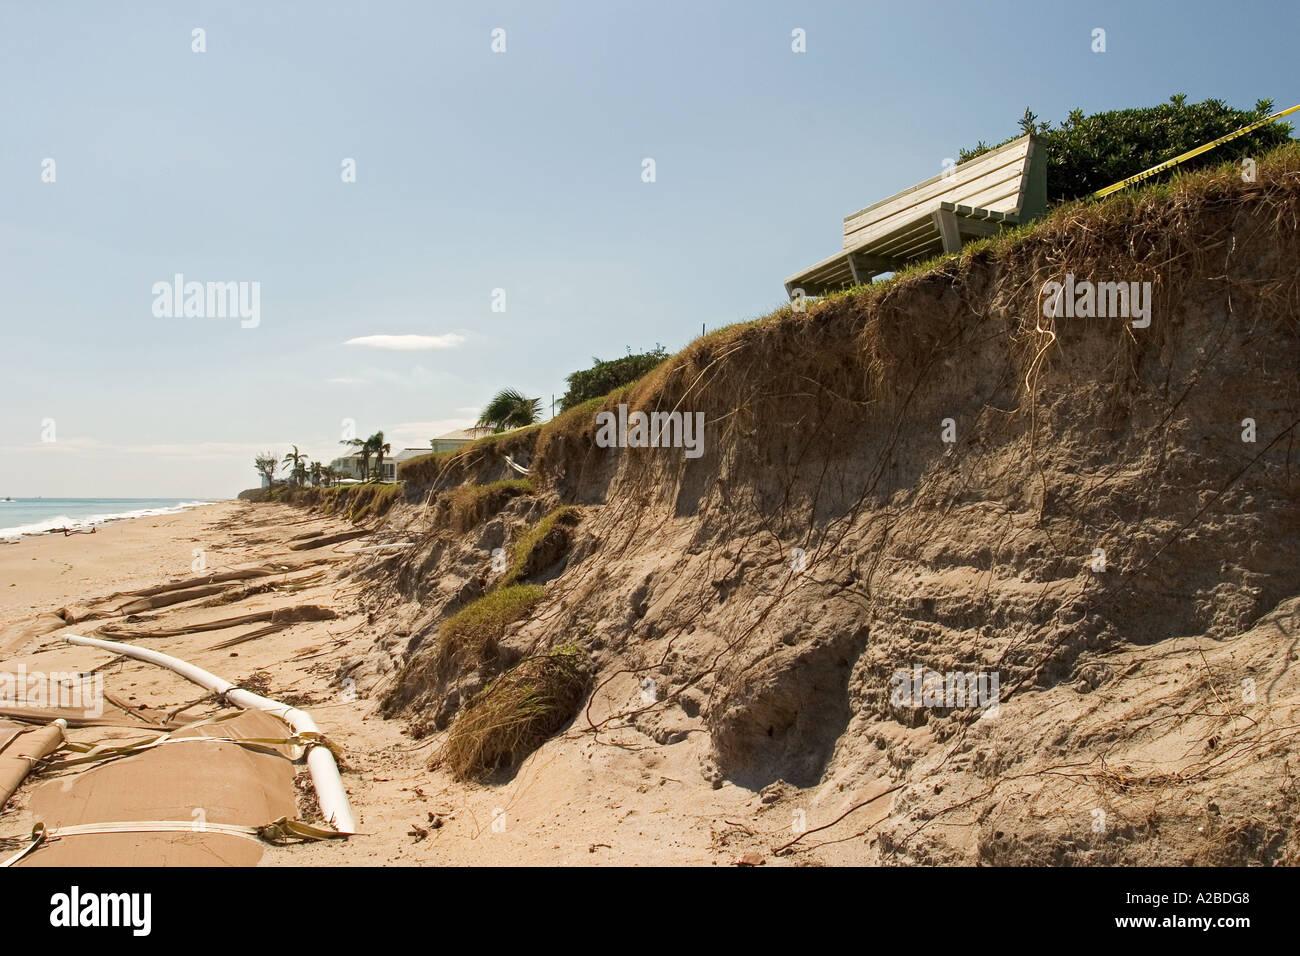 Strand-Erosion und Schutz nach Hurrikan Frances Stockbild